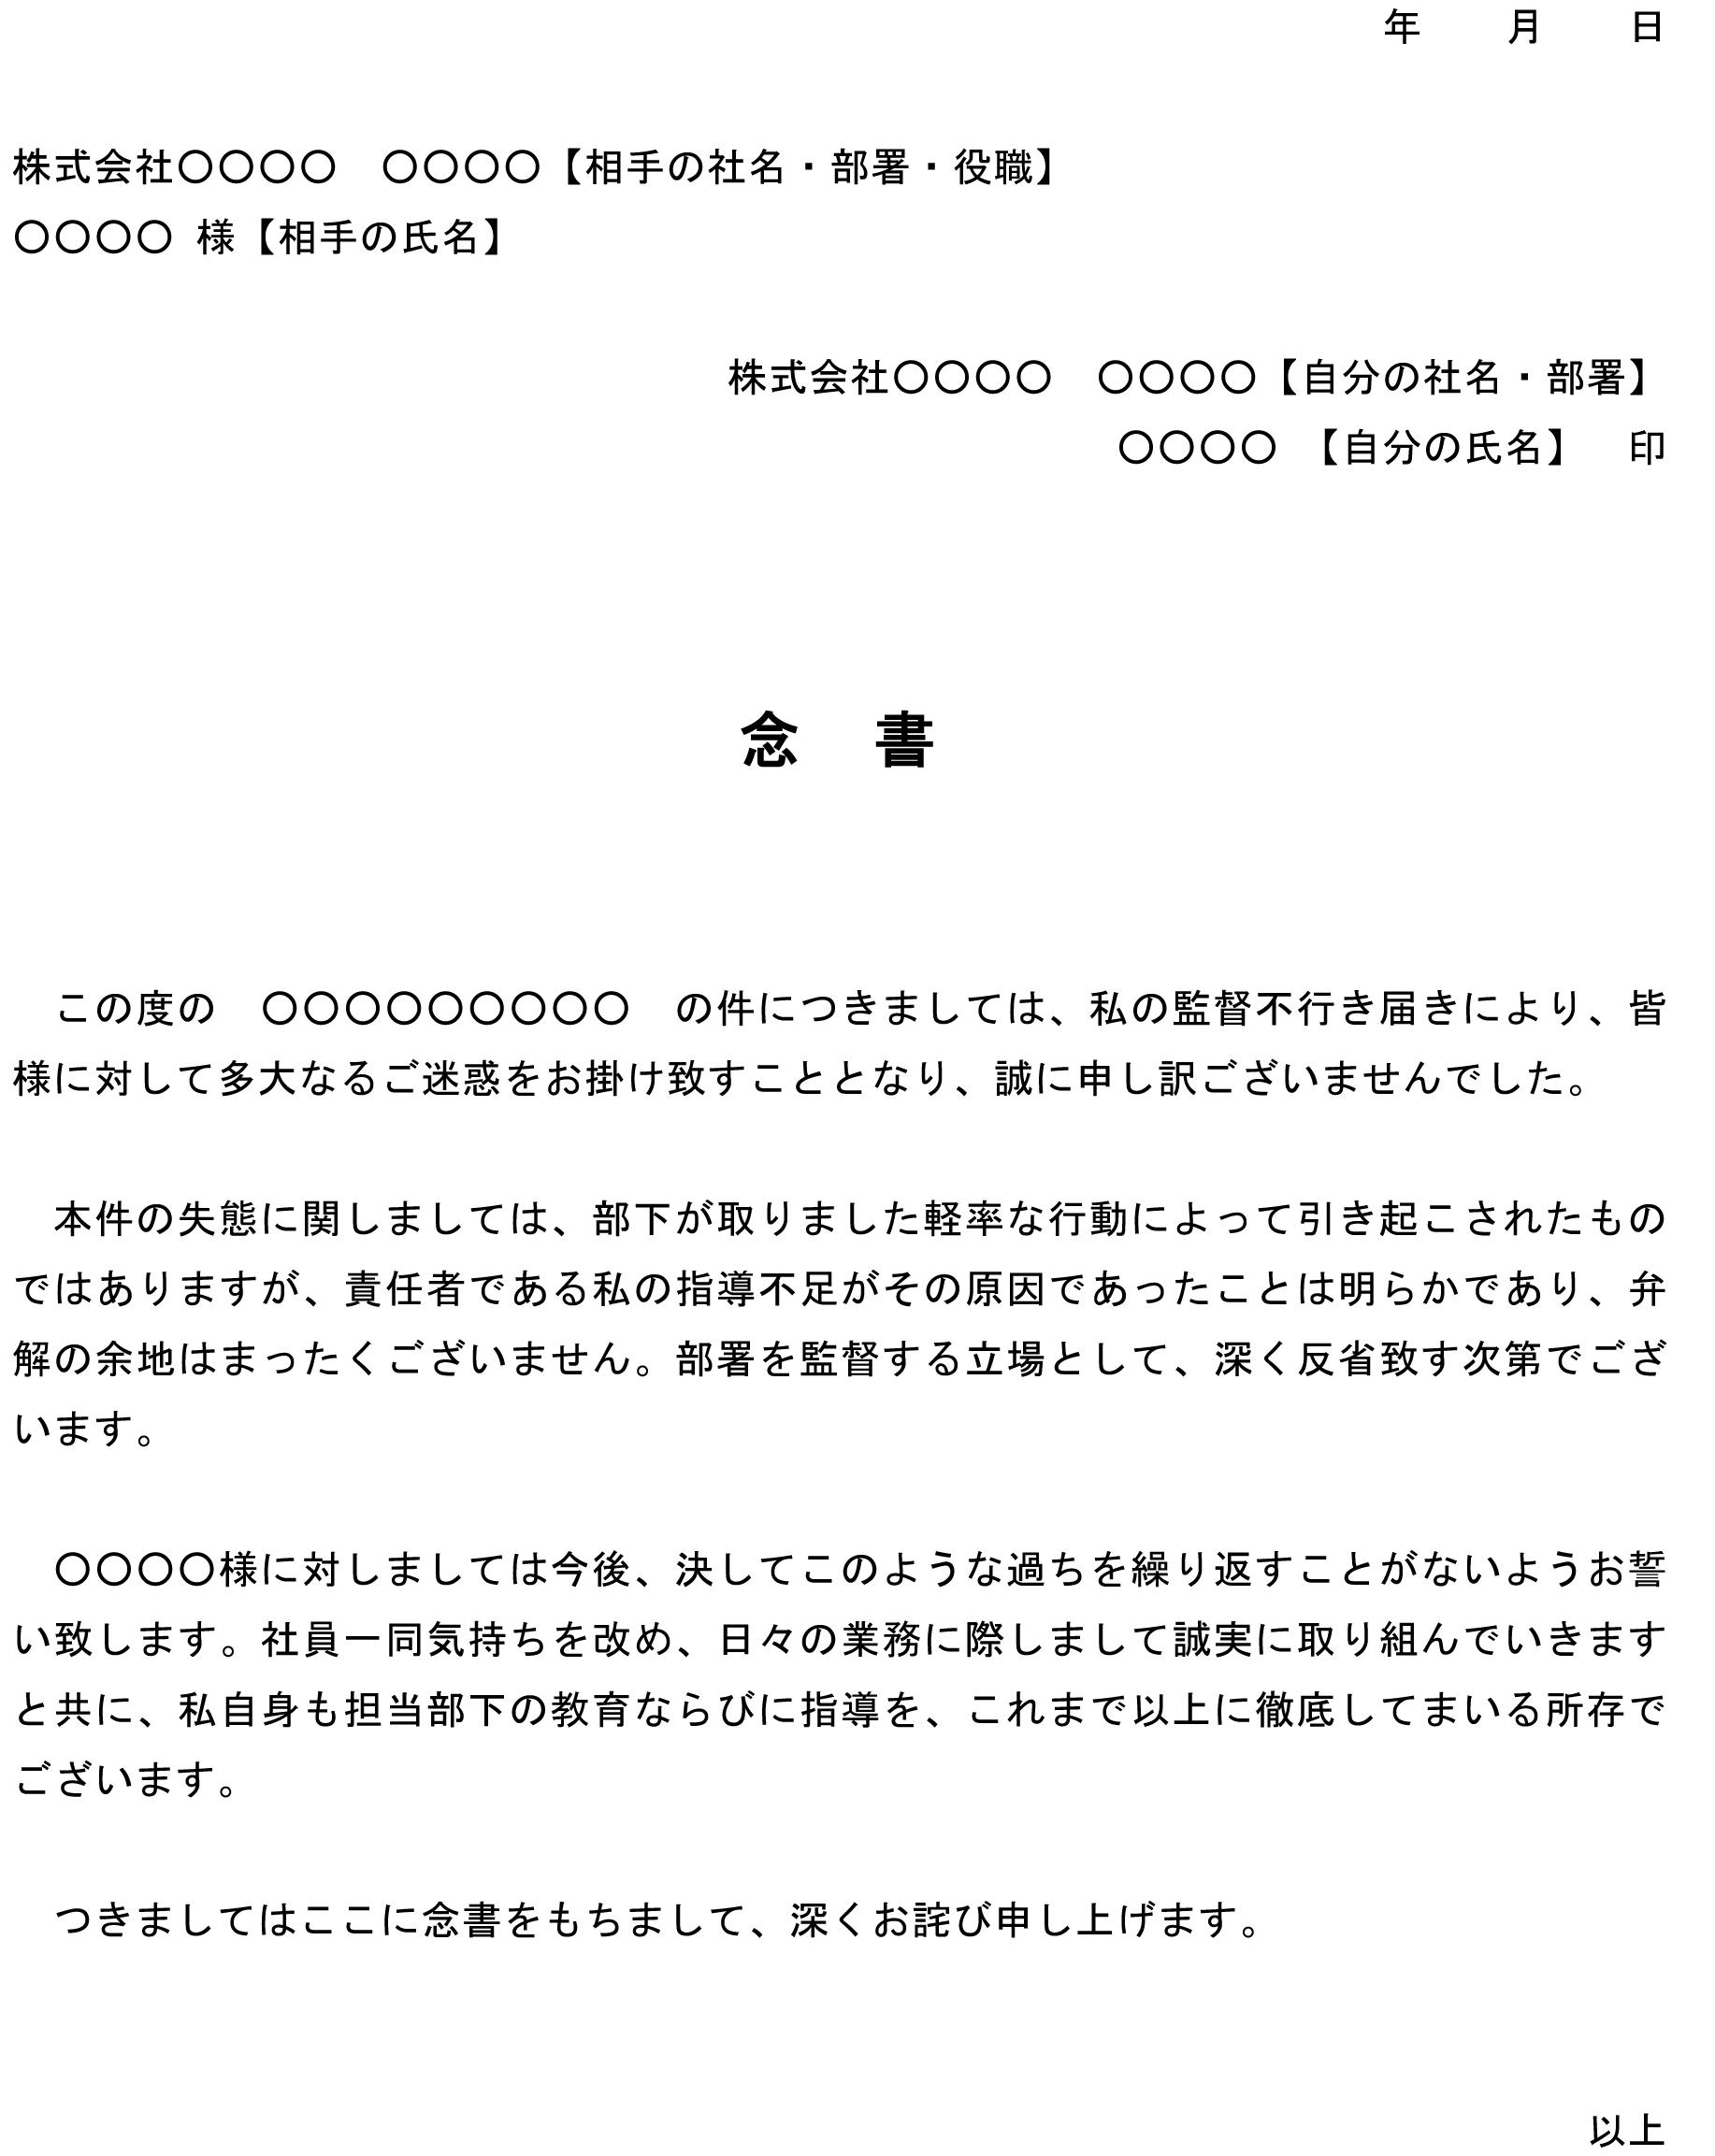 念書(部下の社外不祥事)02